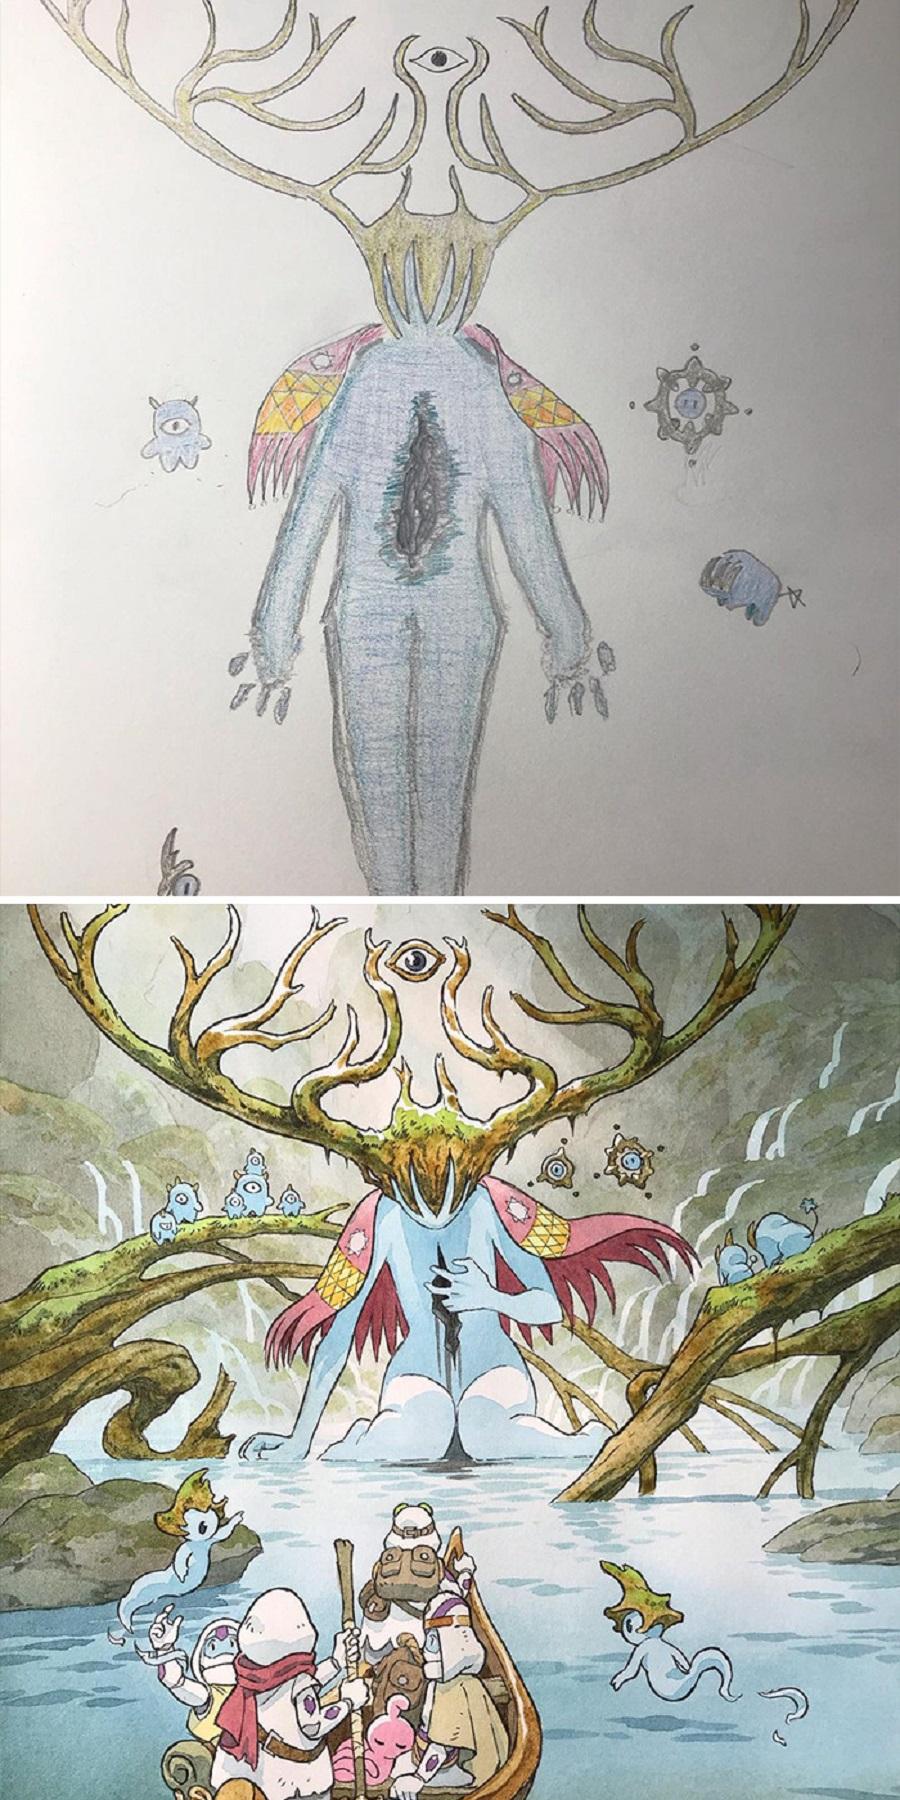 Thomas Romain artista frances transforma rabiscos em personagens de anime para incentivar lado artistico de seus filhos 1